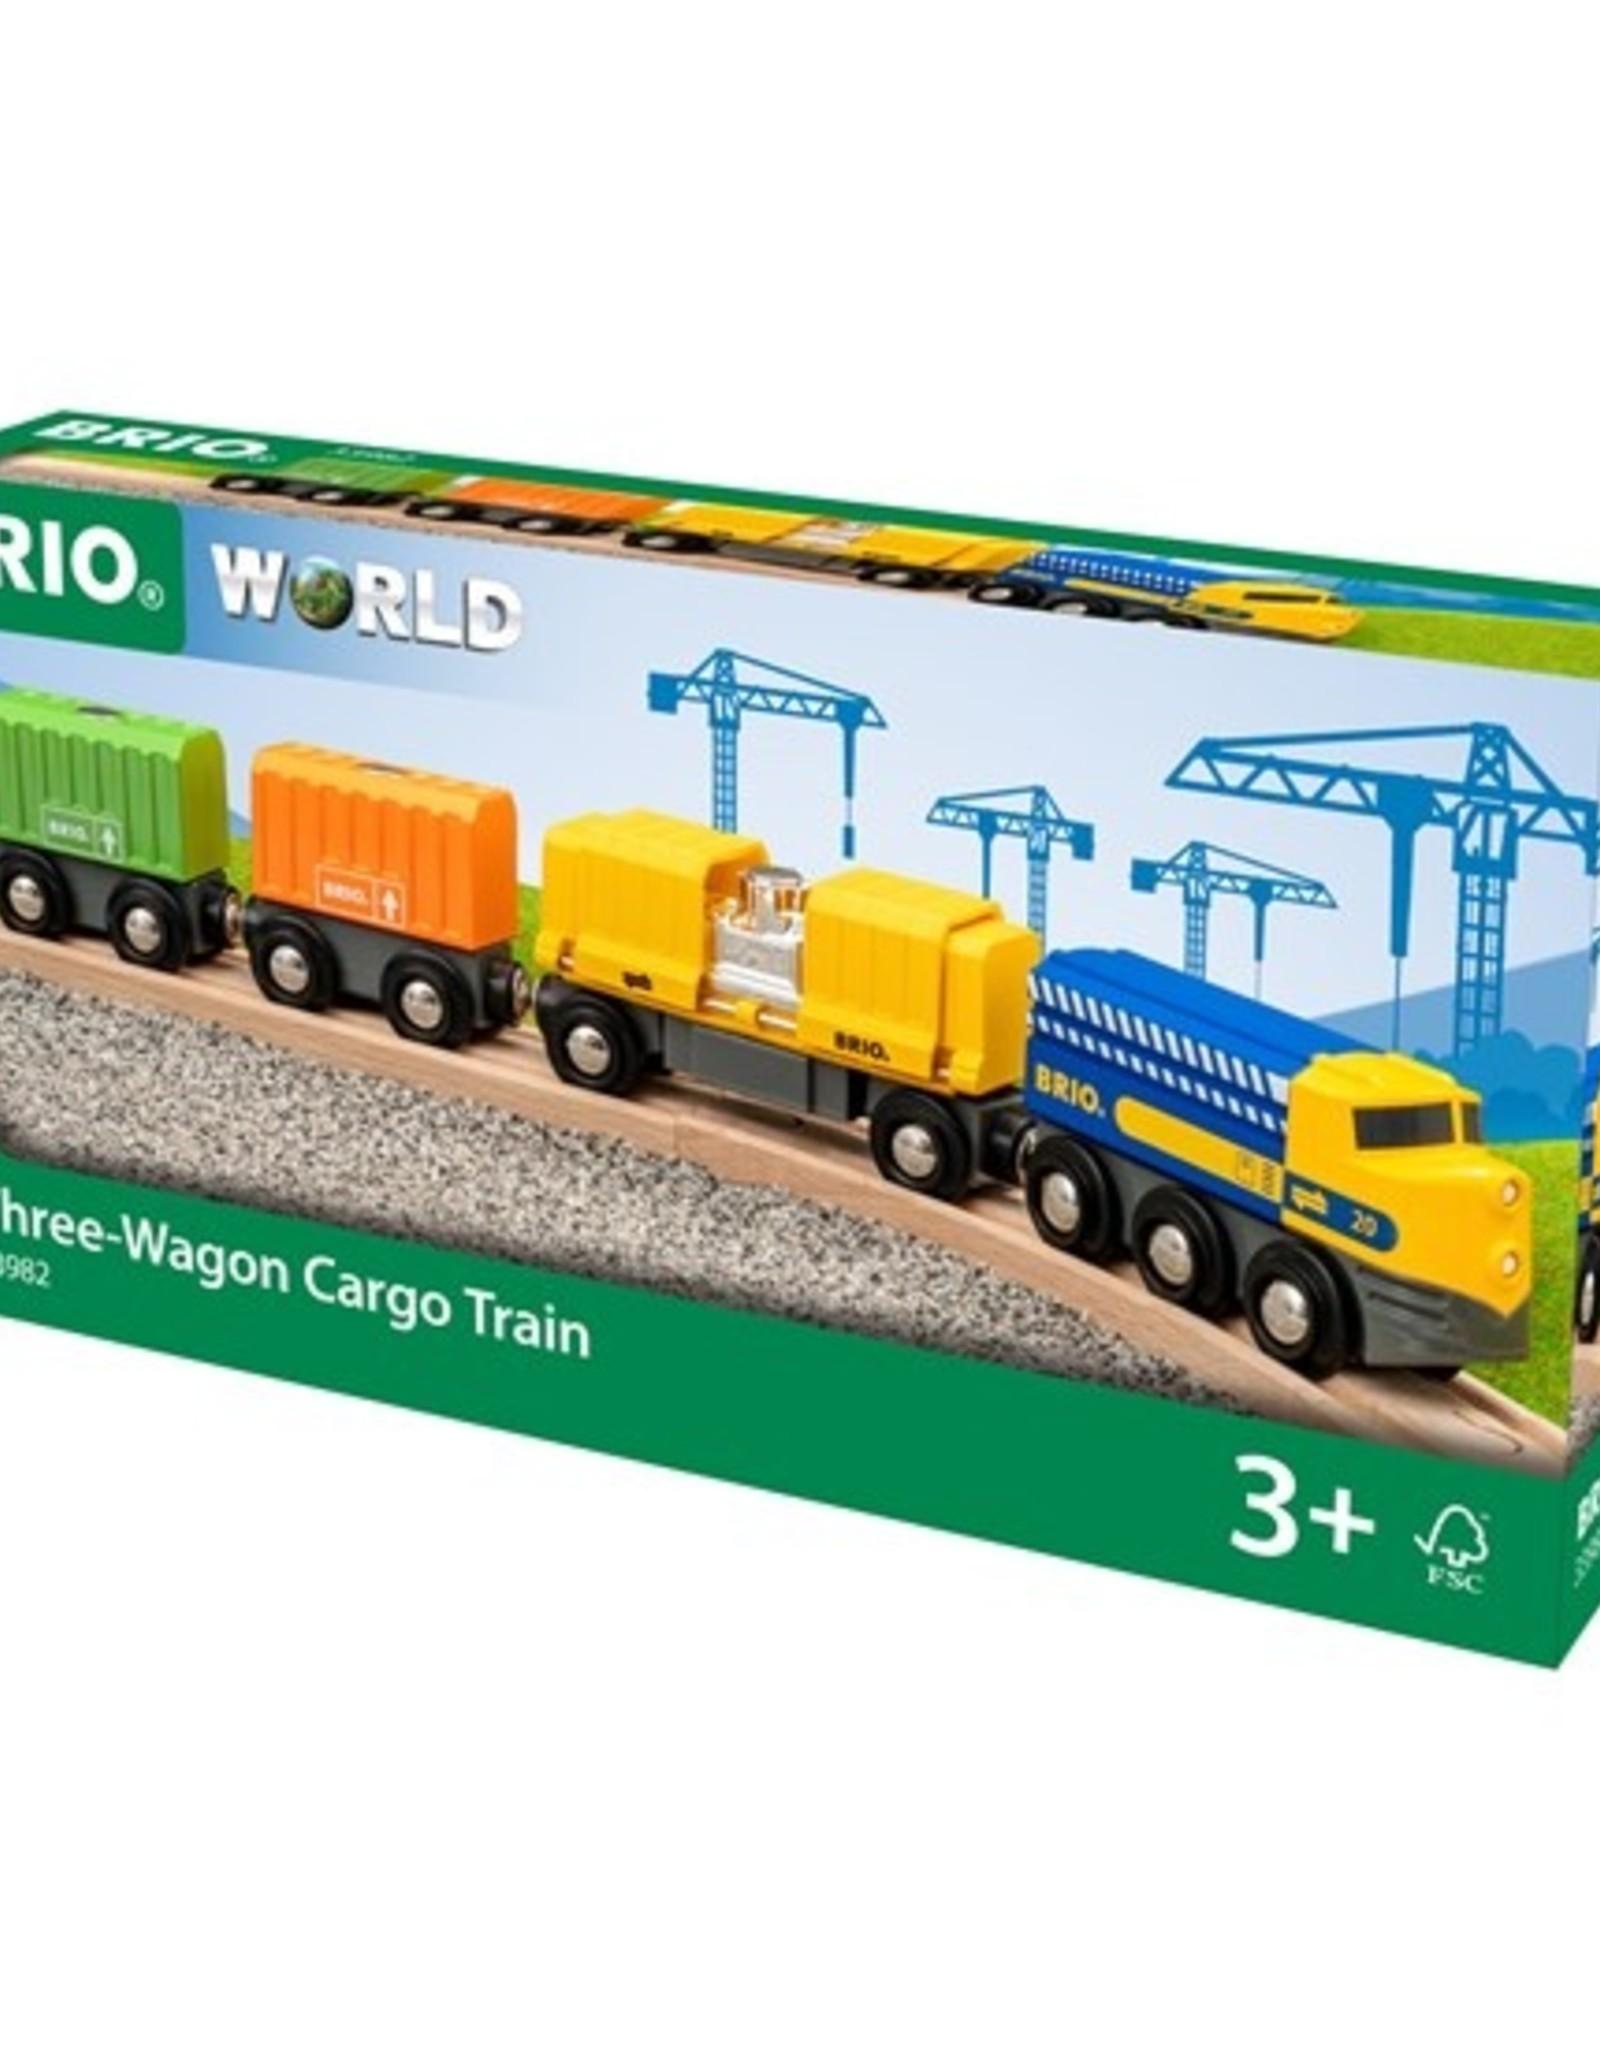 Brio Vrachttrein met 3 Wagons